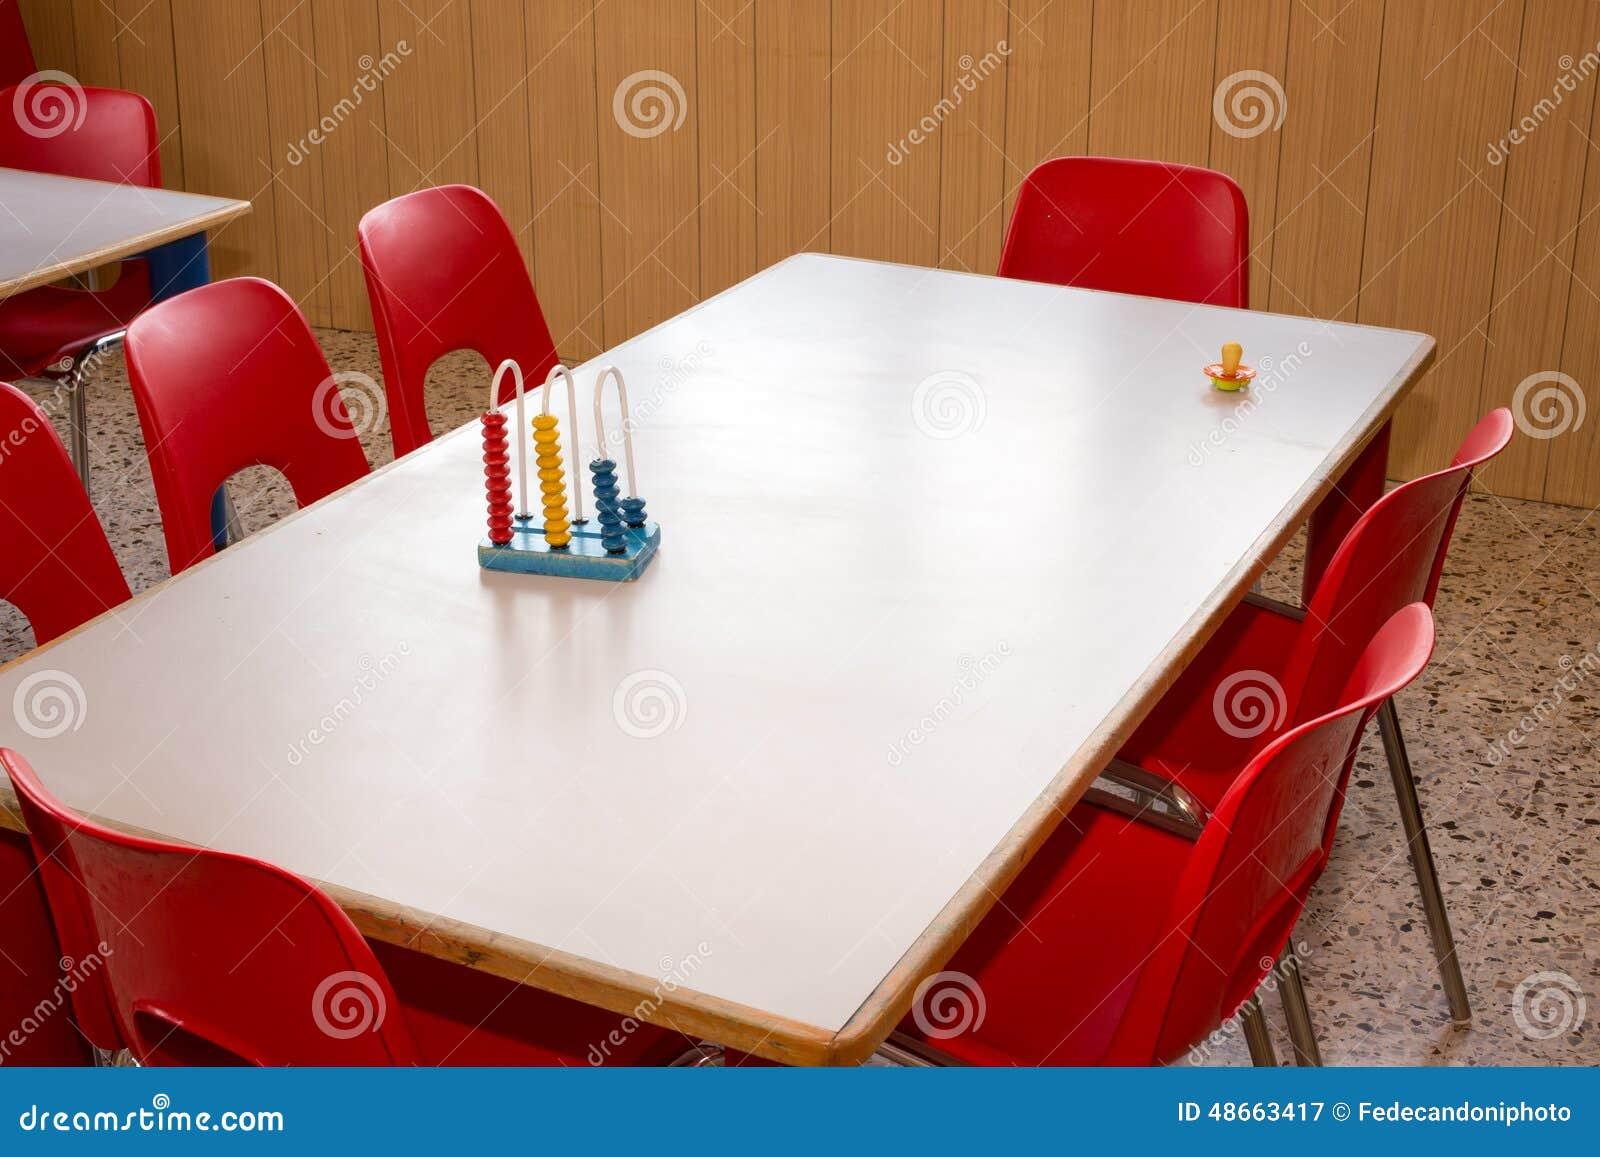 Kinderdagverblijf met rode stoelen en bureaus voor kinderen